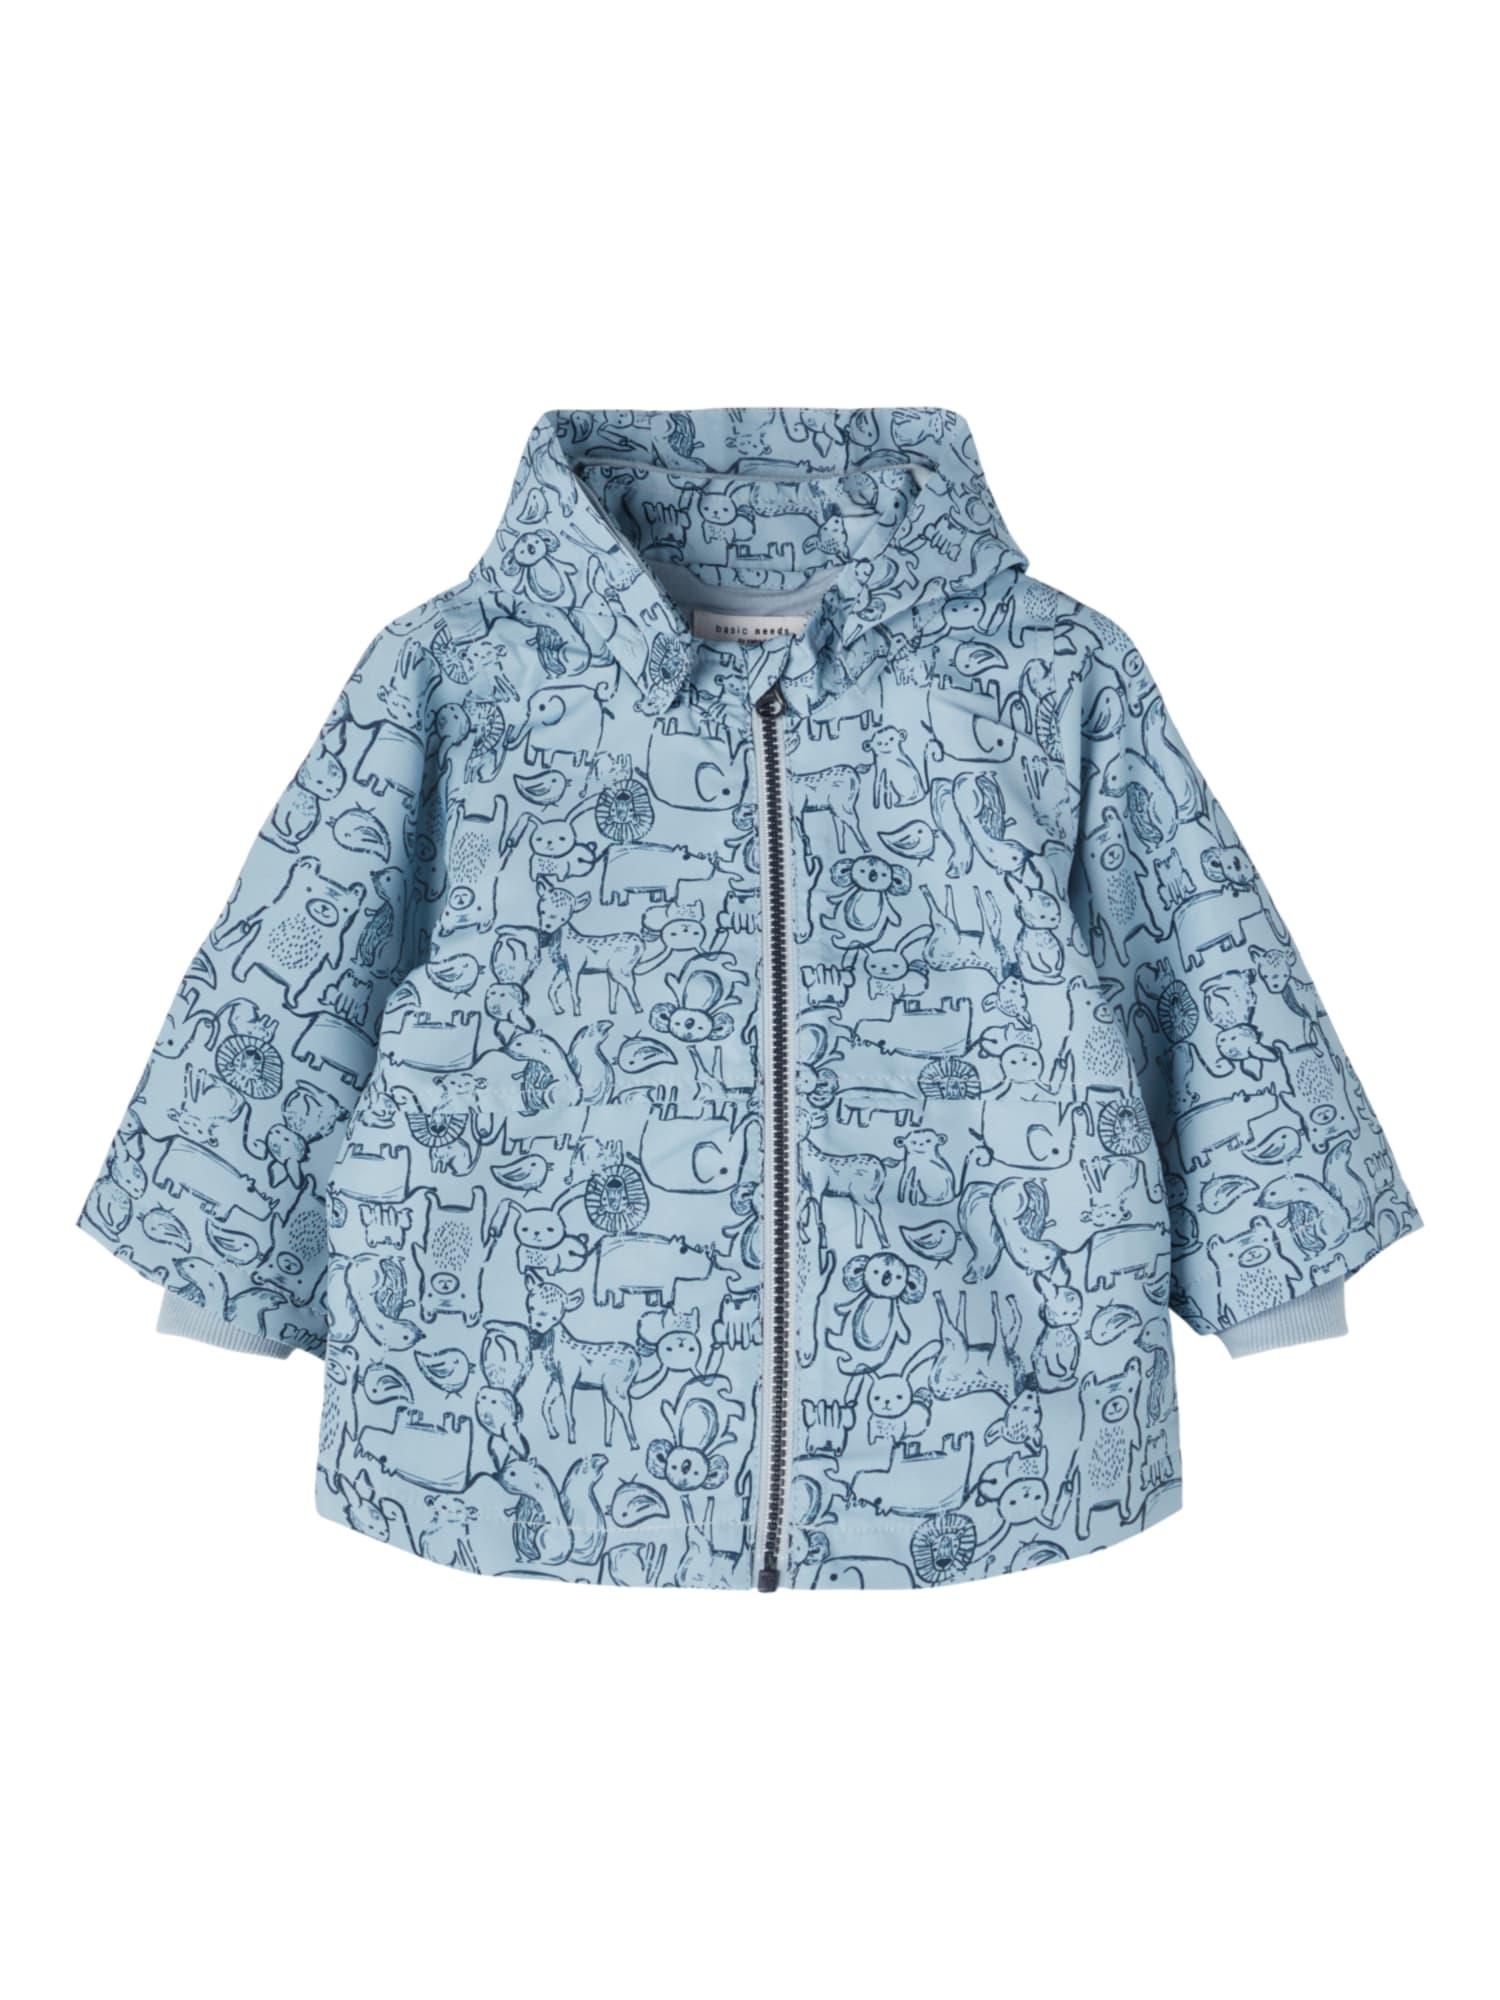 NAME IT Žieminė striukė 'Max' mėlyna dūmų spalva / mėlyna